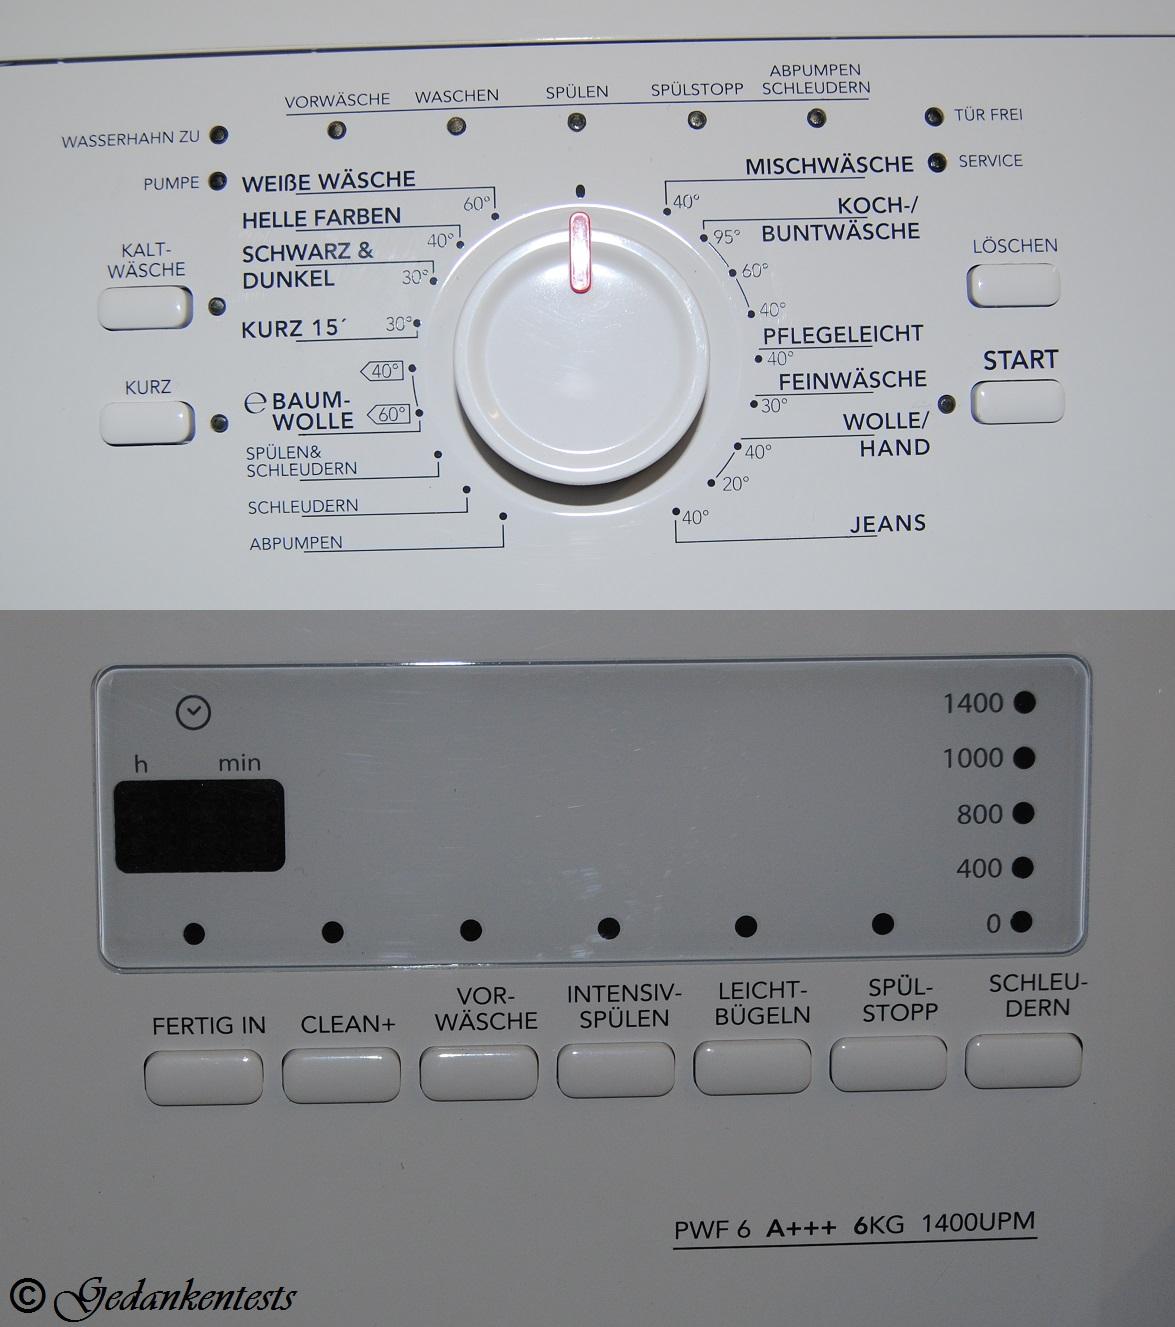 QUELLE Produkttester Waschmaschine von Privileg